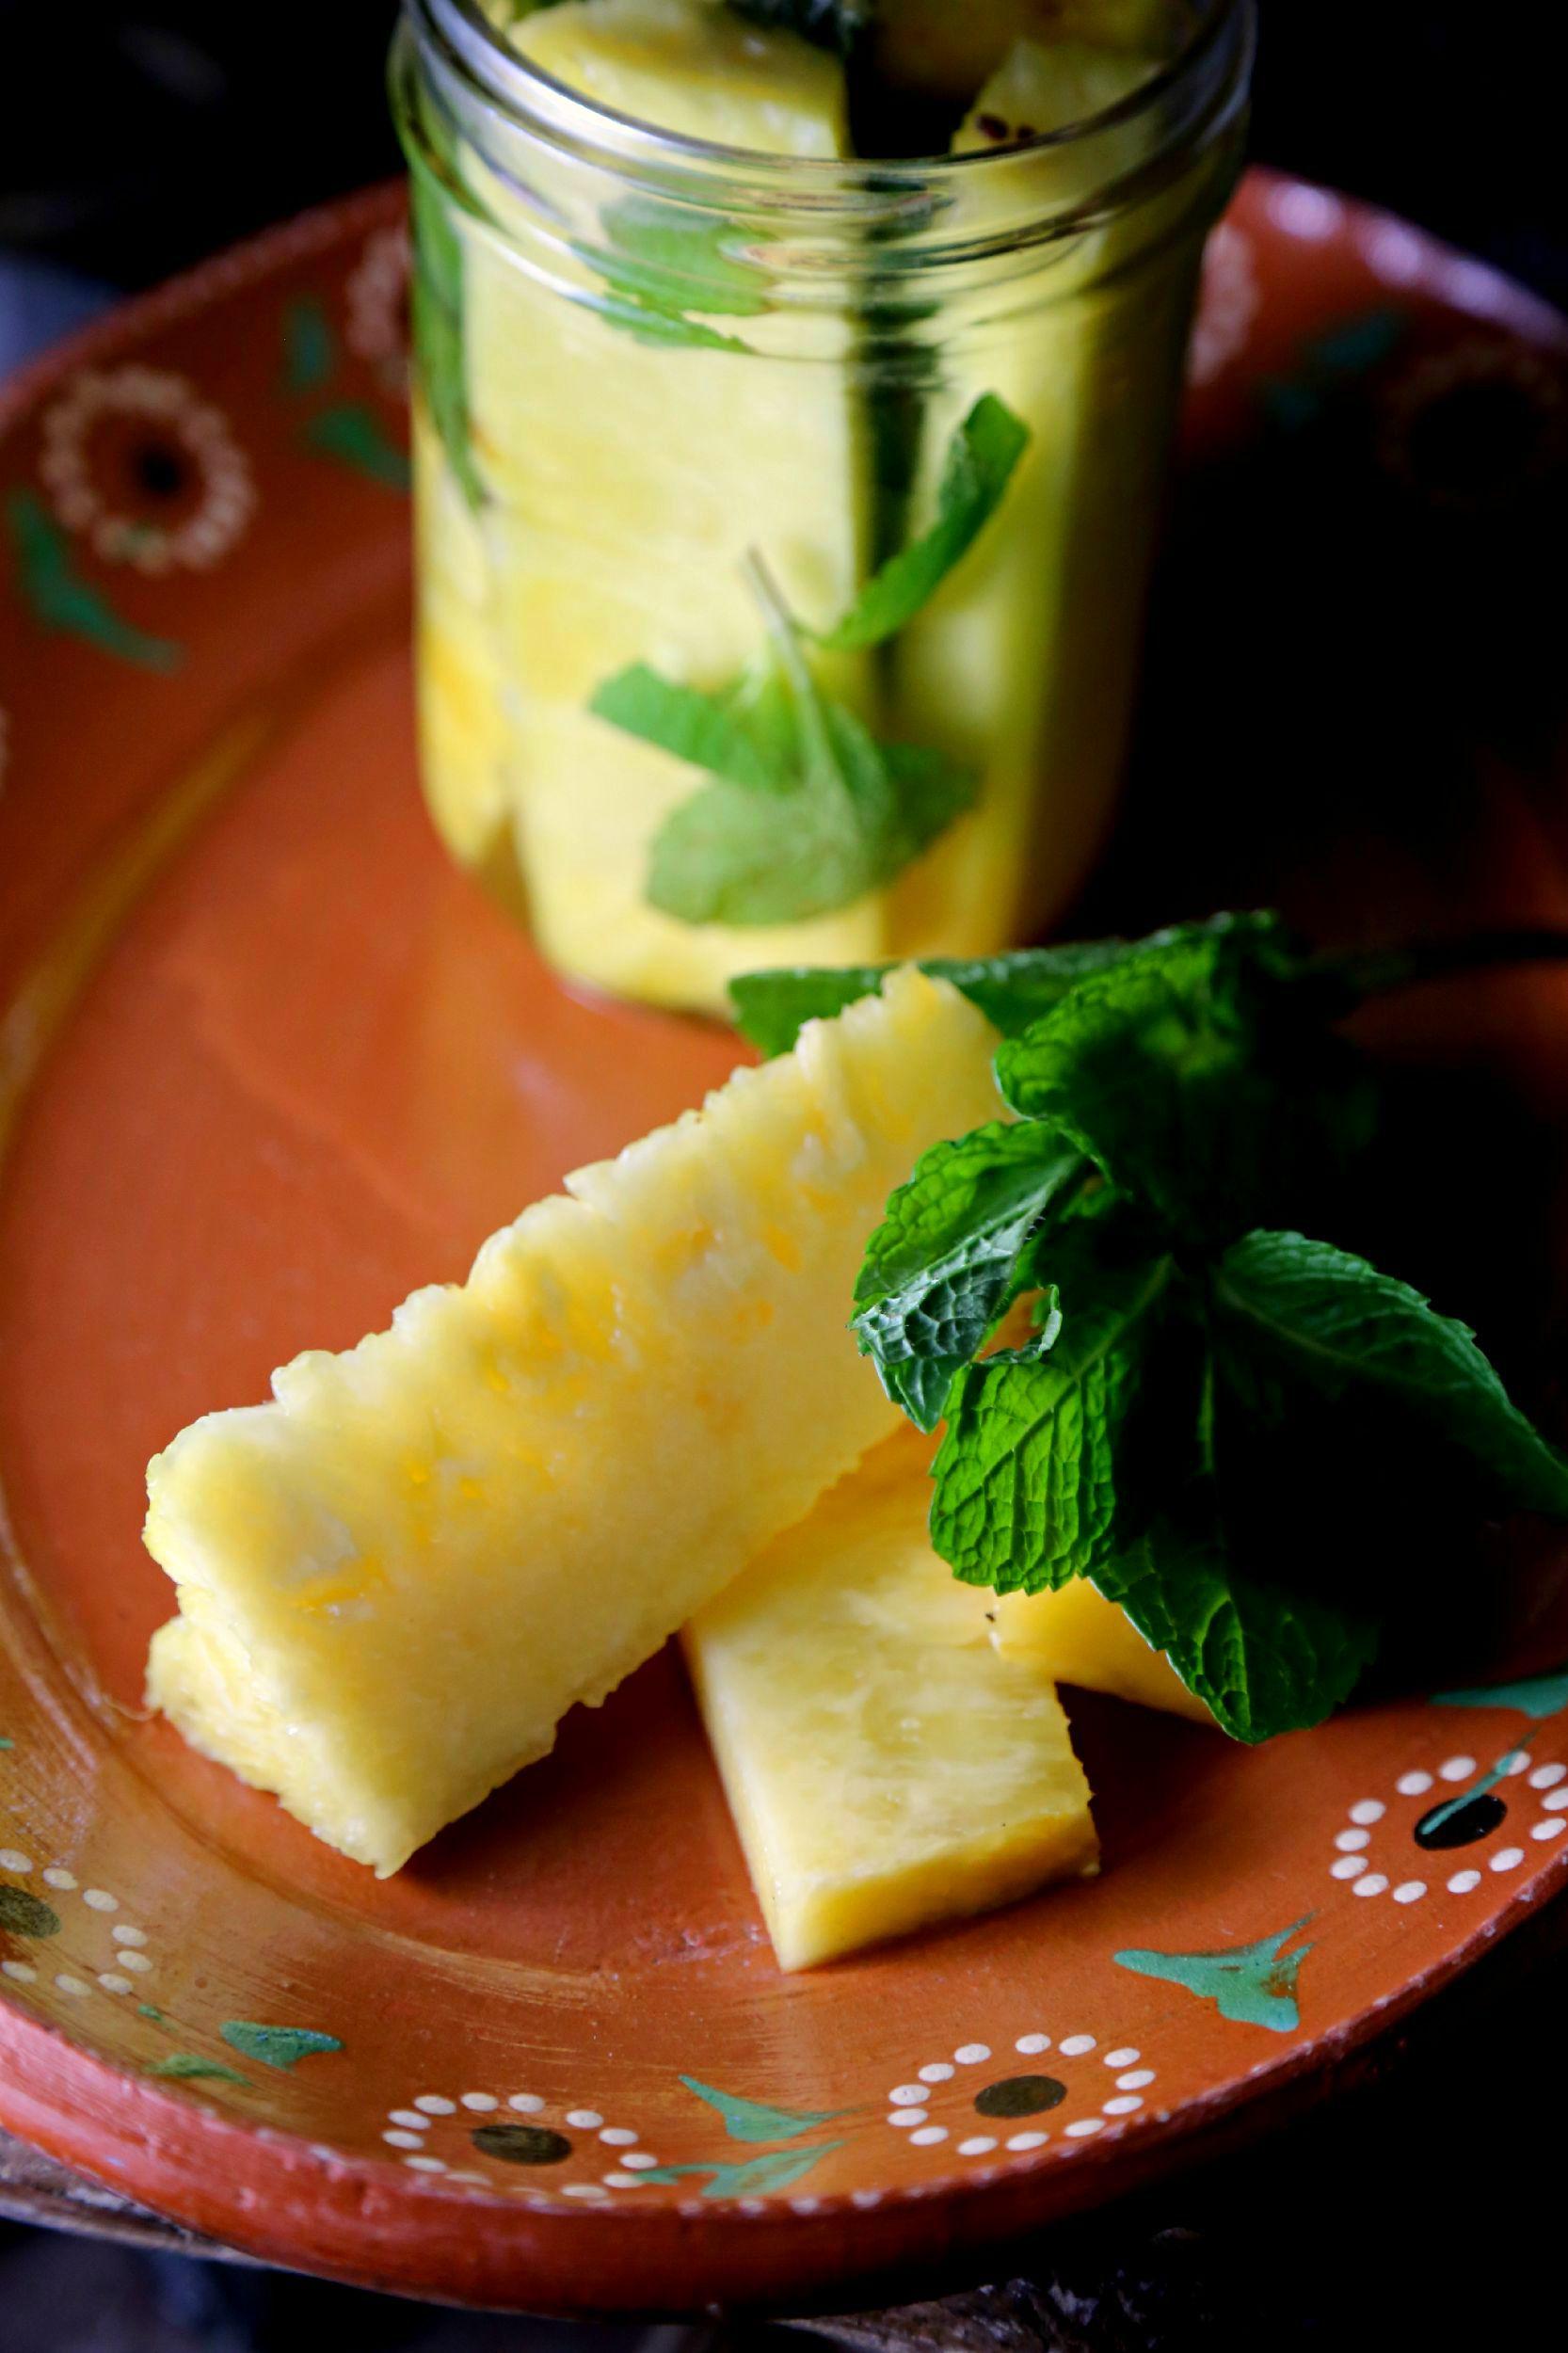 pineapple-mint-infused-vodka-vianneyrodriguez-sweetlifebake